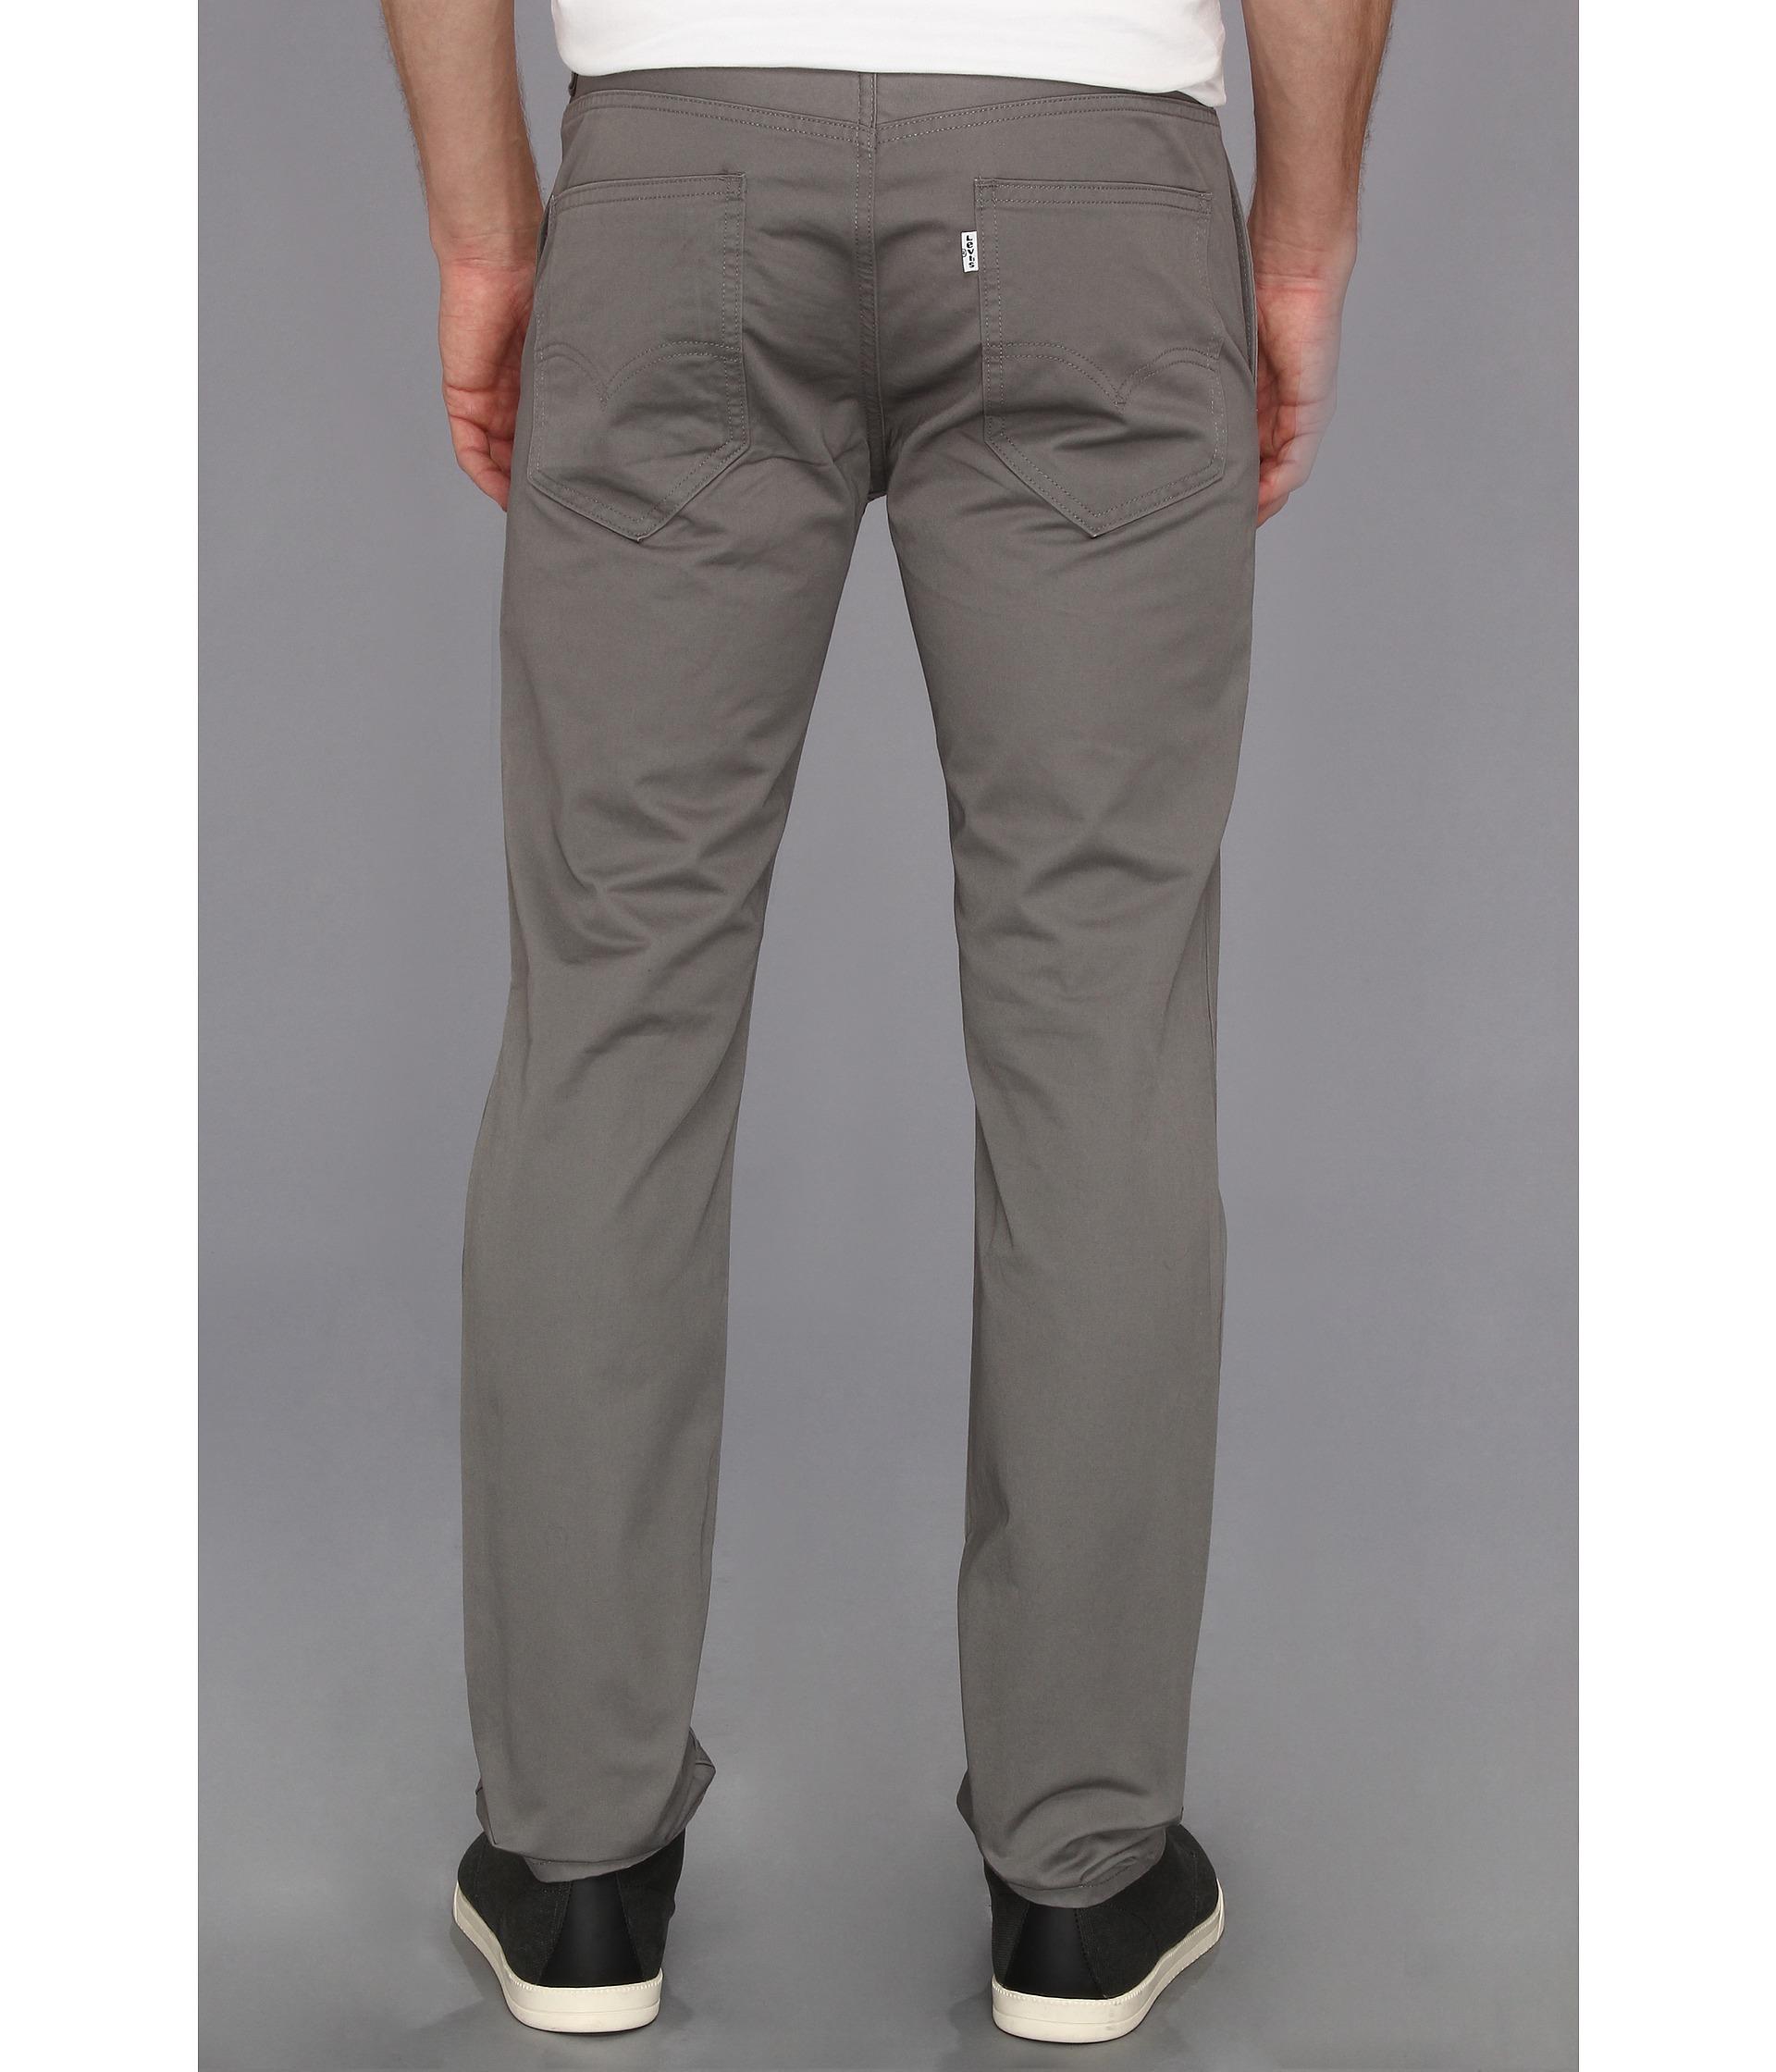 Levi's® Mens 511™ Slim/Skinny Fit - Hybrid Trouser